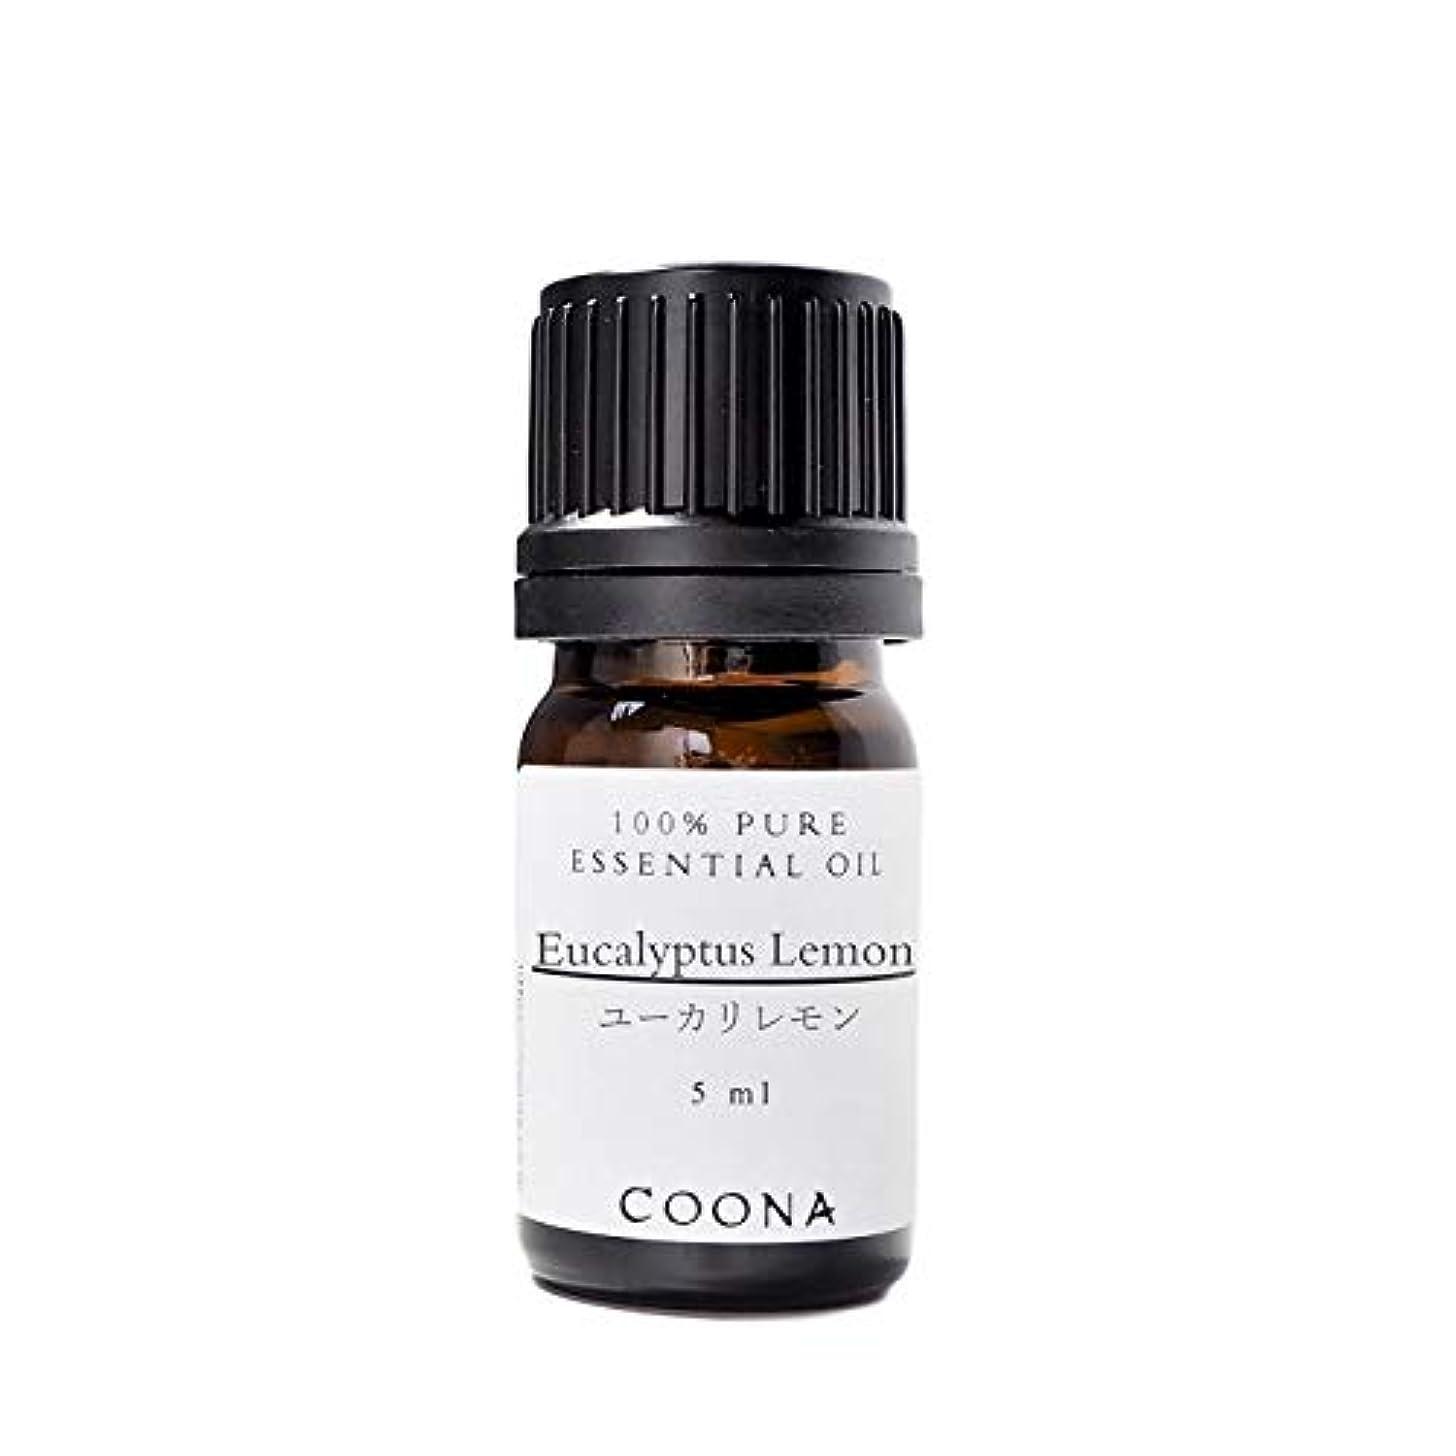 葉巻まつげ傾くユーカリレモン 5 ml (COONA エッセンシャルオイル アロマオイル 100%天然植物精油)